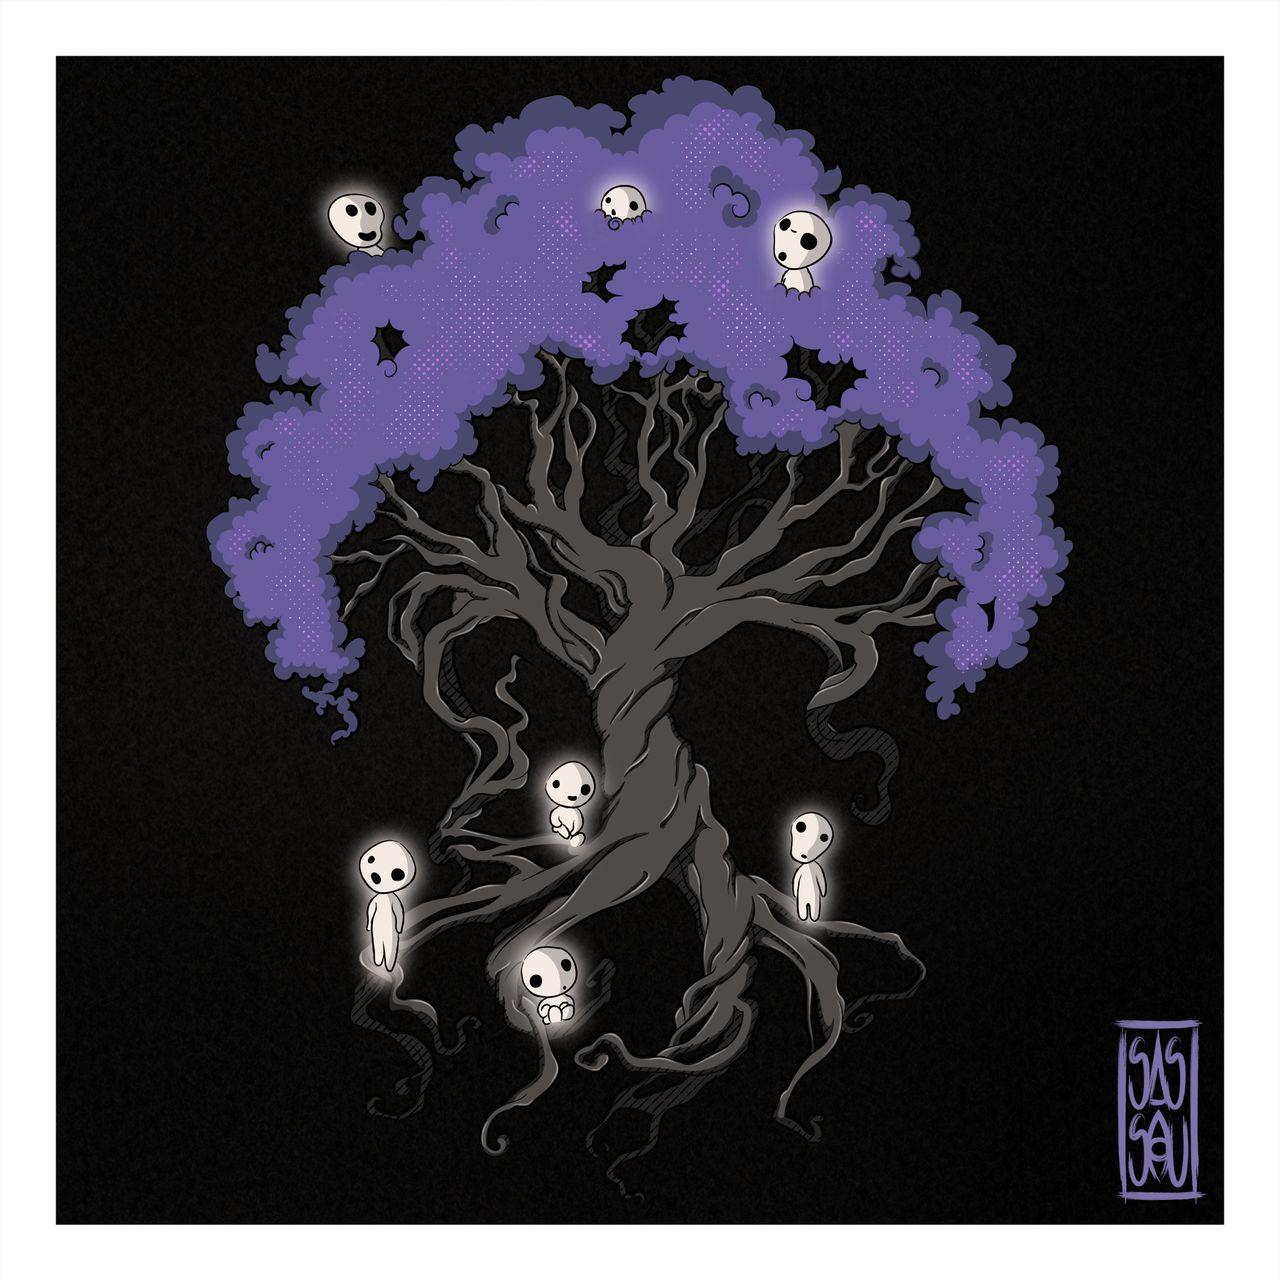 Des sylvains sur un arbre de vie